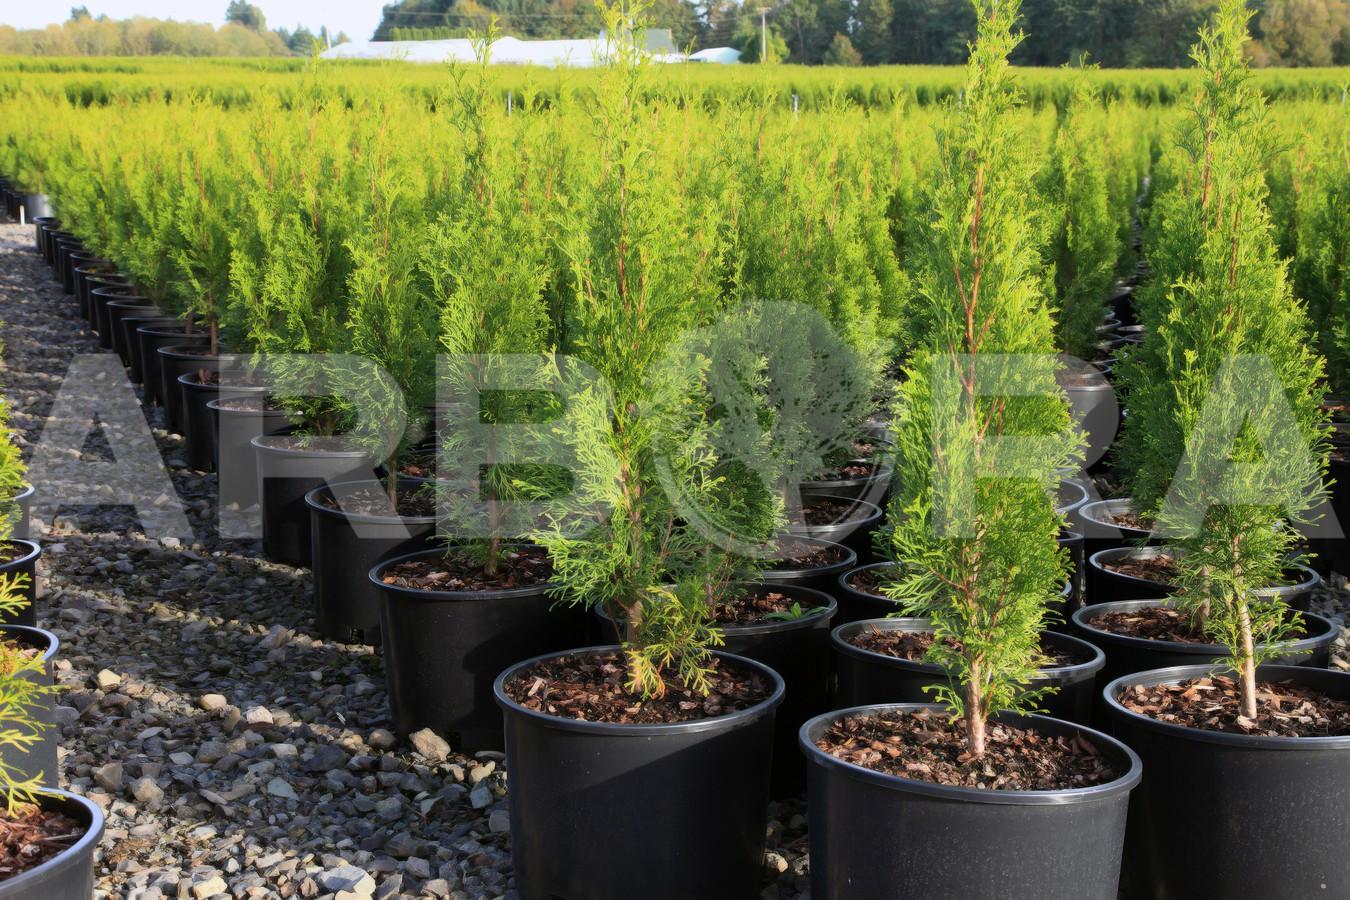 ?Medžių ir krūmų parinkimas. ?Vaismedžių sodinimas. ?Didelių medžių ir krūmų persodinimas/perkėlimas. ?Dekoratyvinių augalų priežiūra bei paruošimas žiemai. ?Augalų apsauga nuo kenkėjų.